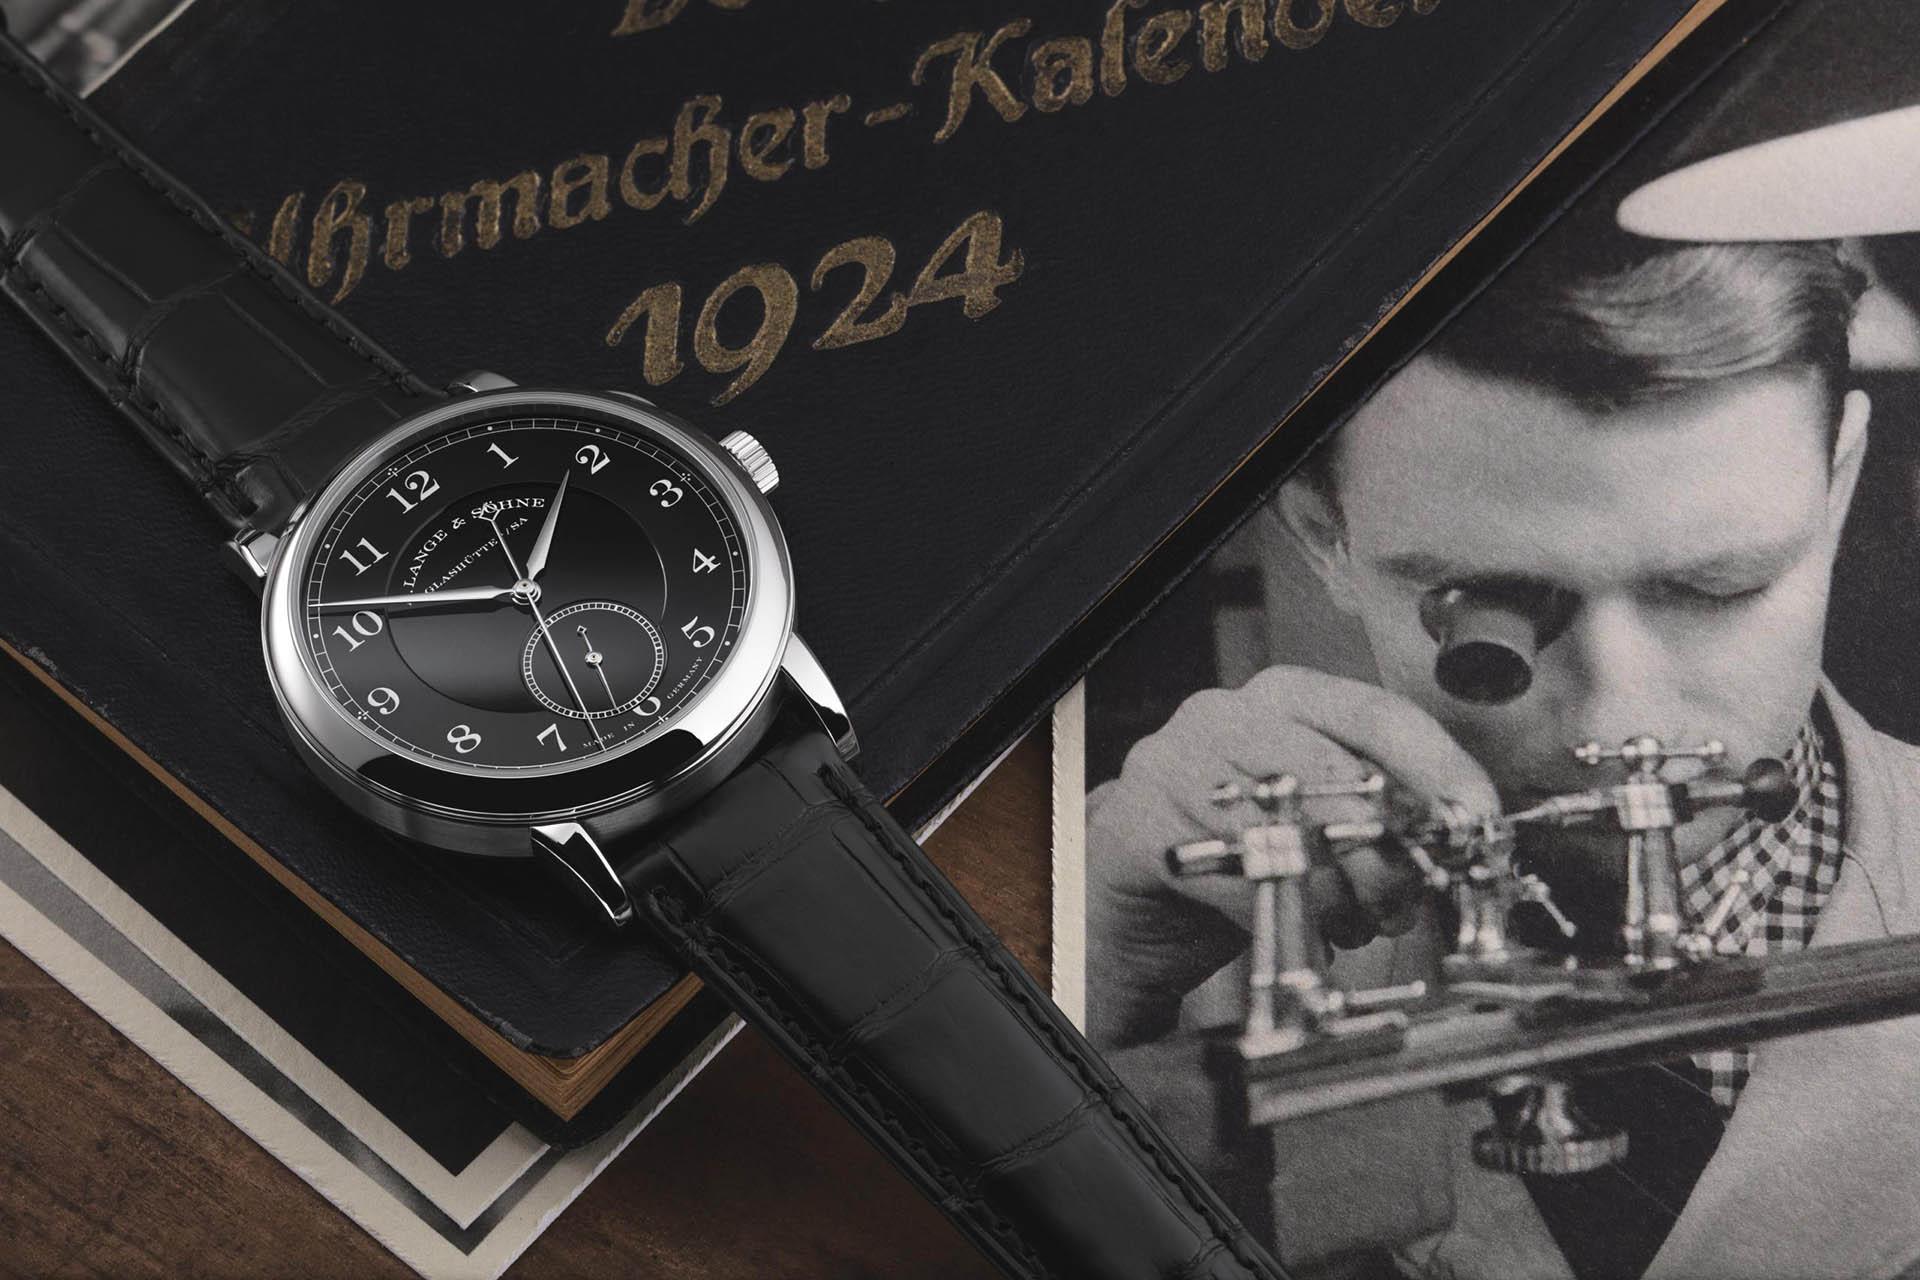 Erfolgreiches Uhrensammeln: Rekordpreis für A. Lange & Söhne bei Phillips